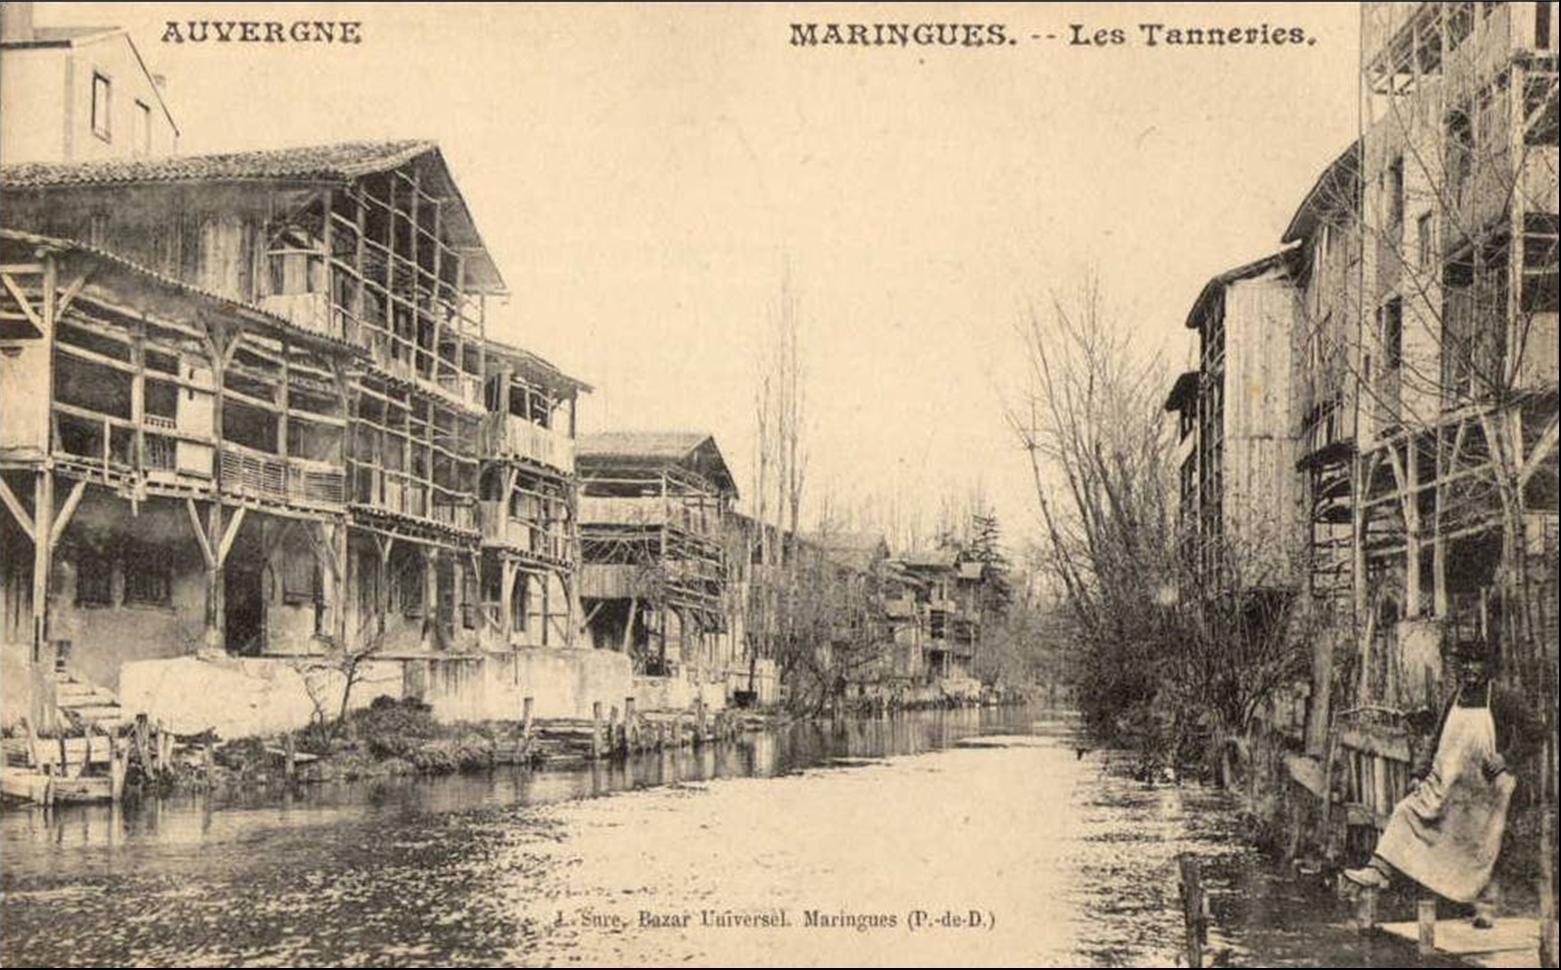 Les tanneries de Maringues